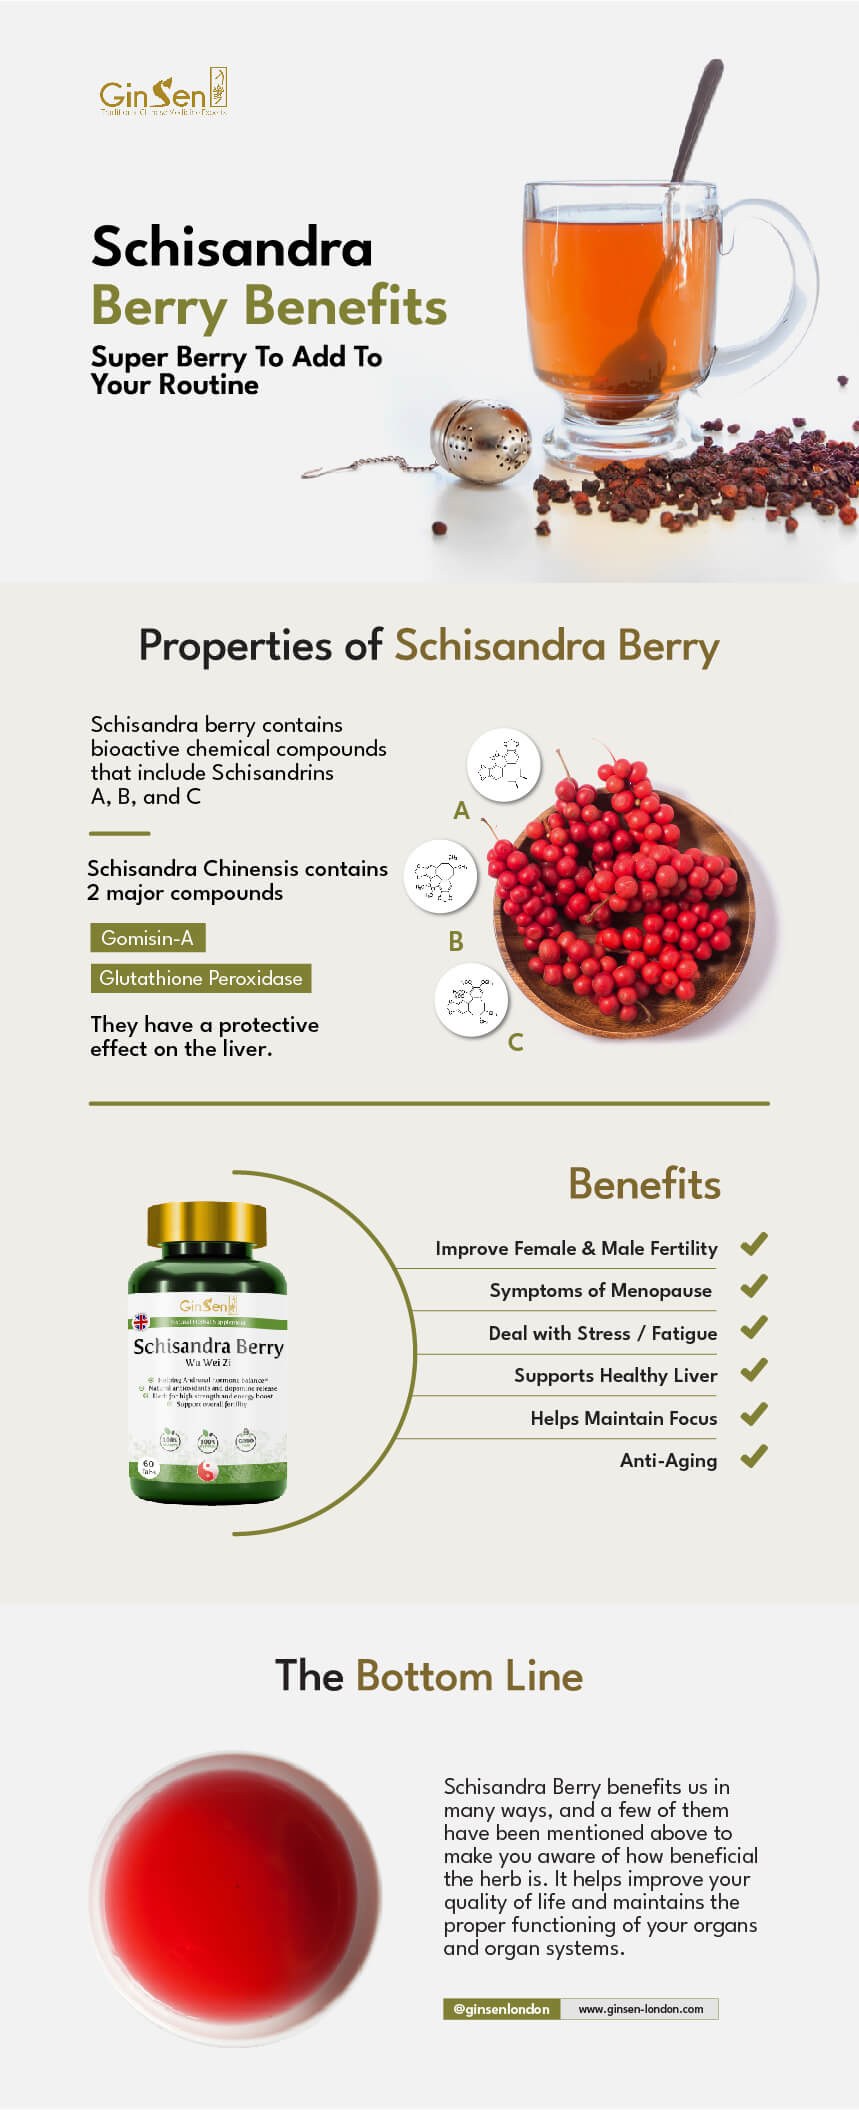 Schisandra Berry Benefits